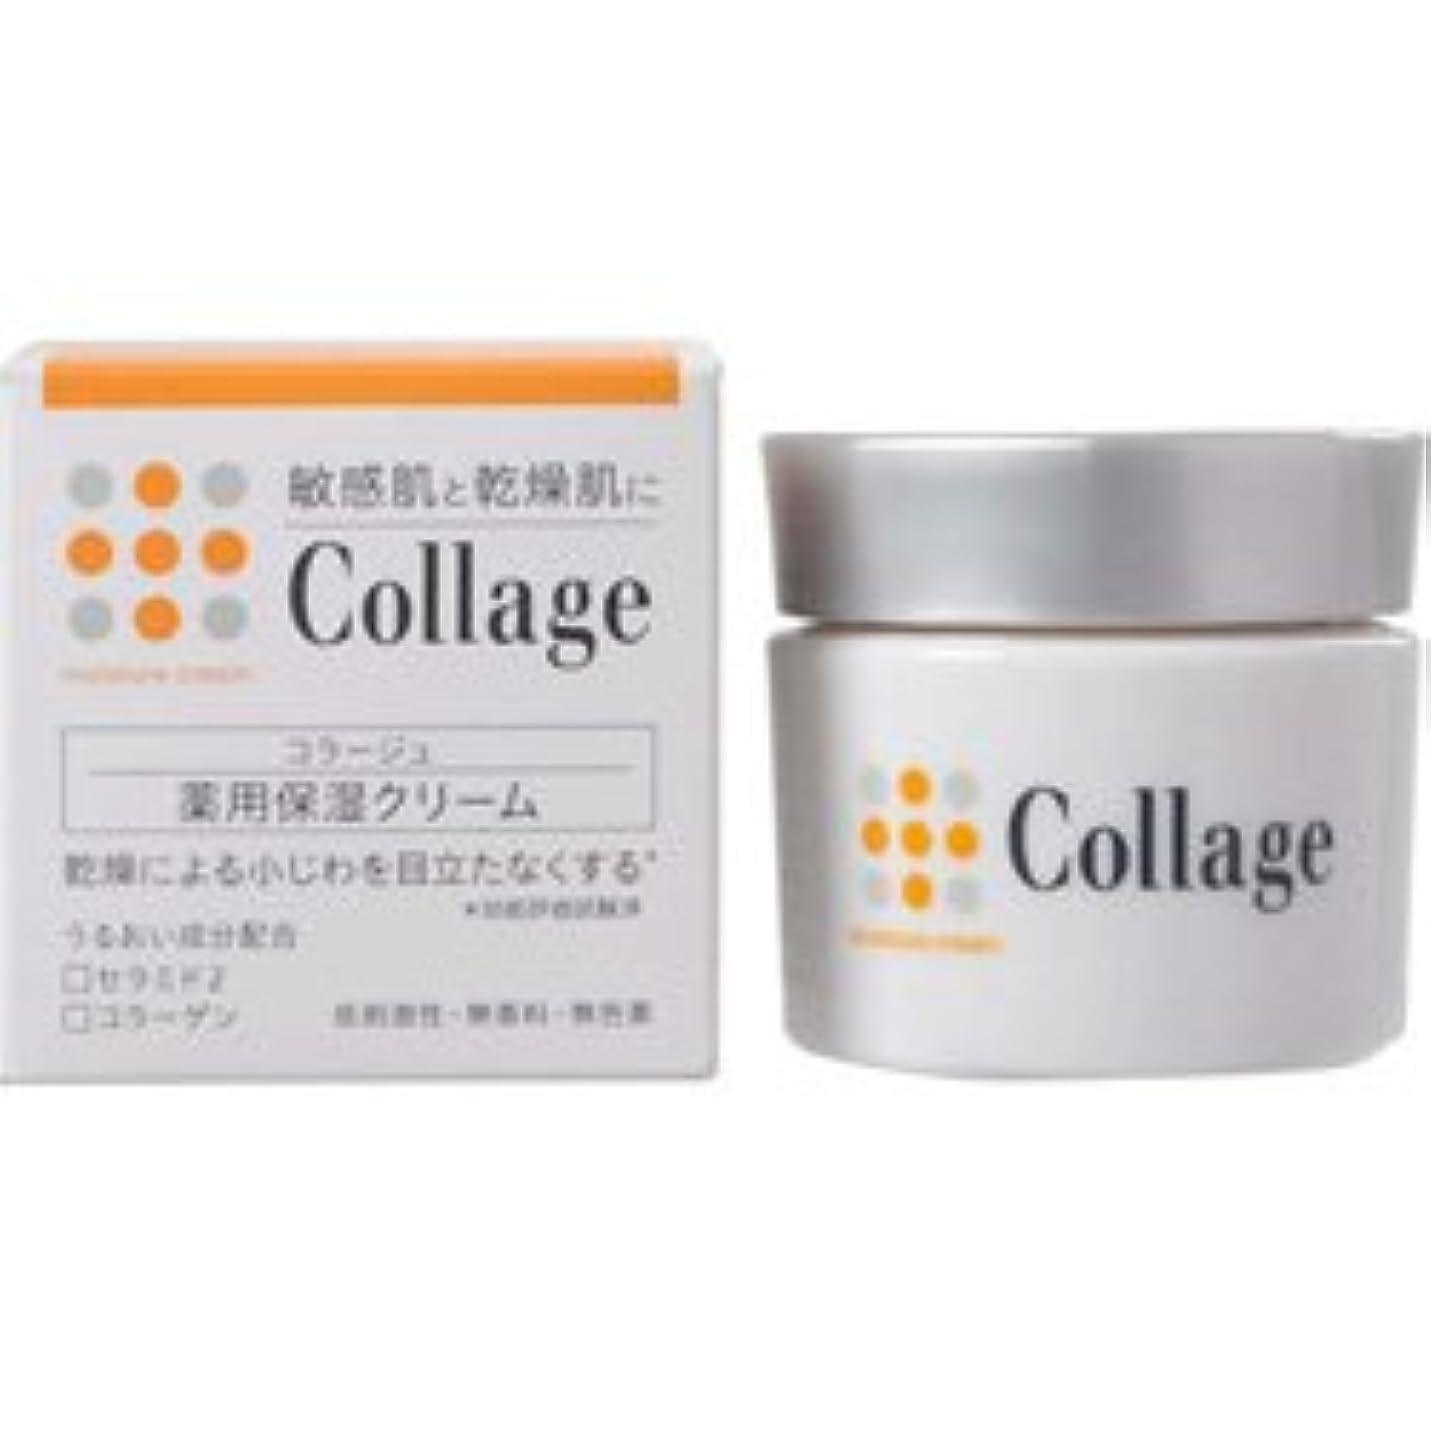 版いくつかの小麦粉【持田ヘルスケア】 コラージュ薬用保湿クリーム 30g (医薬部外品) ×5個セット